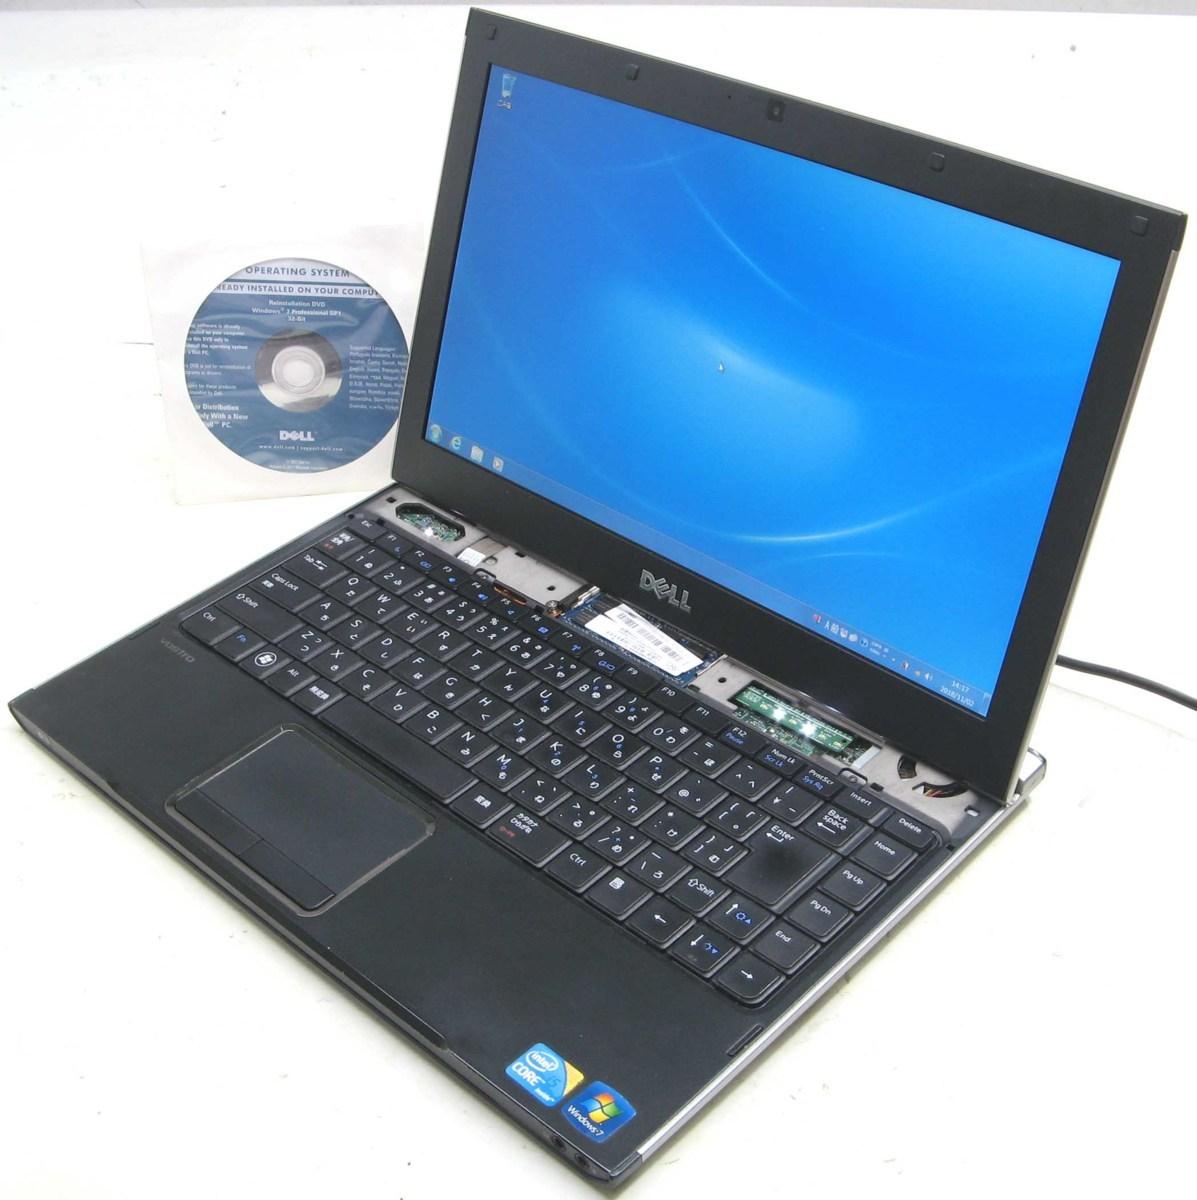 中古ノートパソコン DELL Vostro V130-1330HD(デル Windows7 Corei5 13.3インチ HDMI出力端子)【中古】【中古パソコン/中古PC】